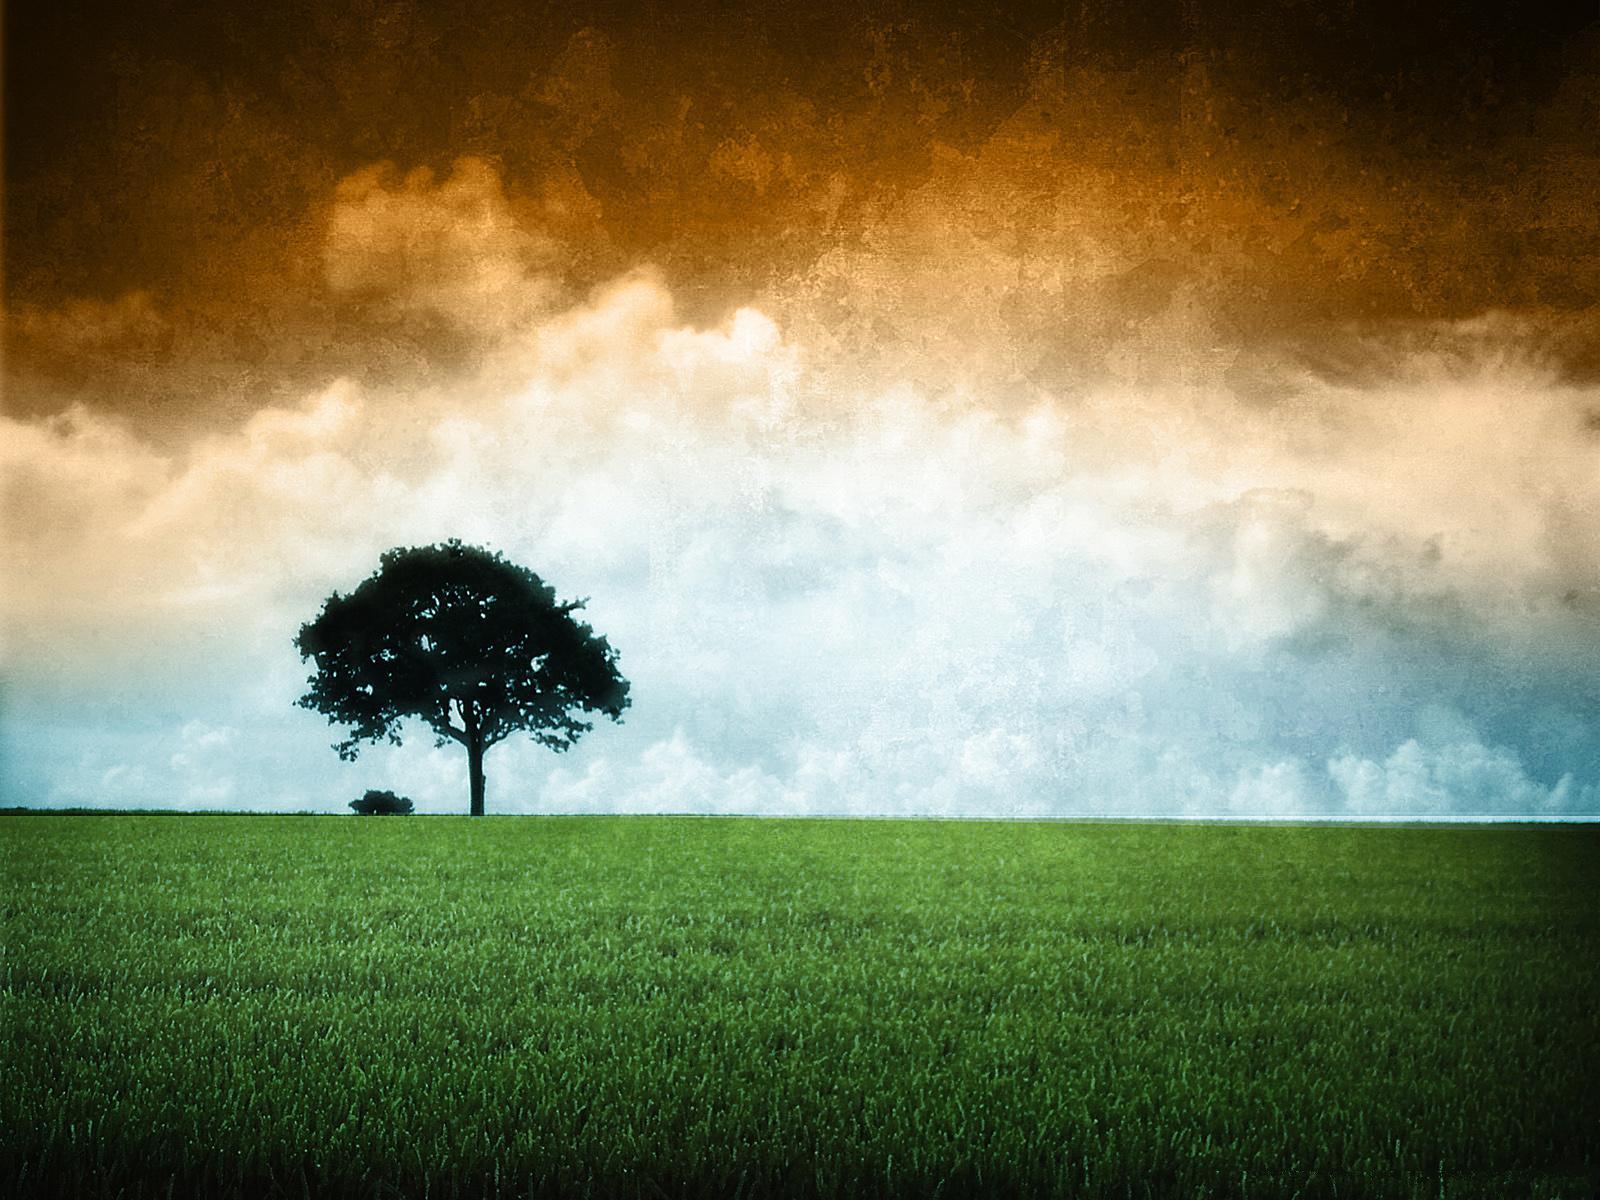 http://2.bp.blogspot.com/-egS7lINluq8/TkiVh9Vu8JI/AAAAAAAAB6A/zHpRNnPy1pY/s1600/indian%2Bflag.jpg